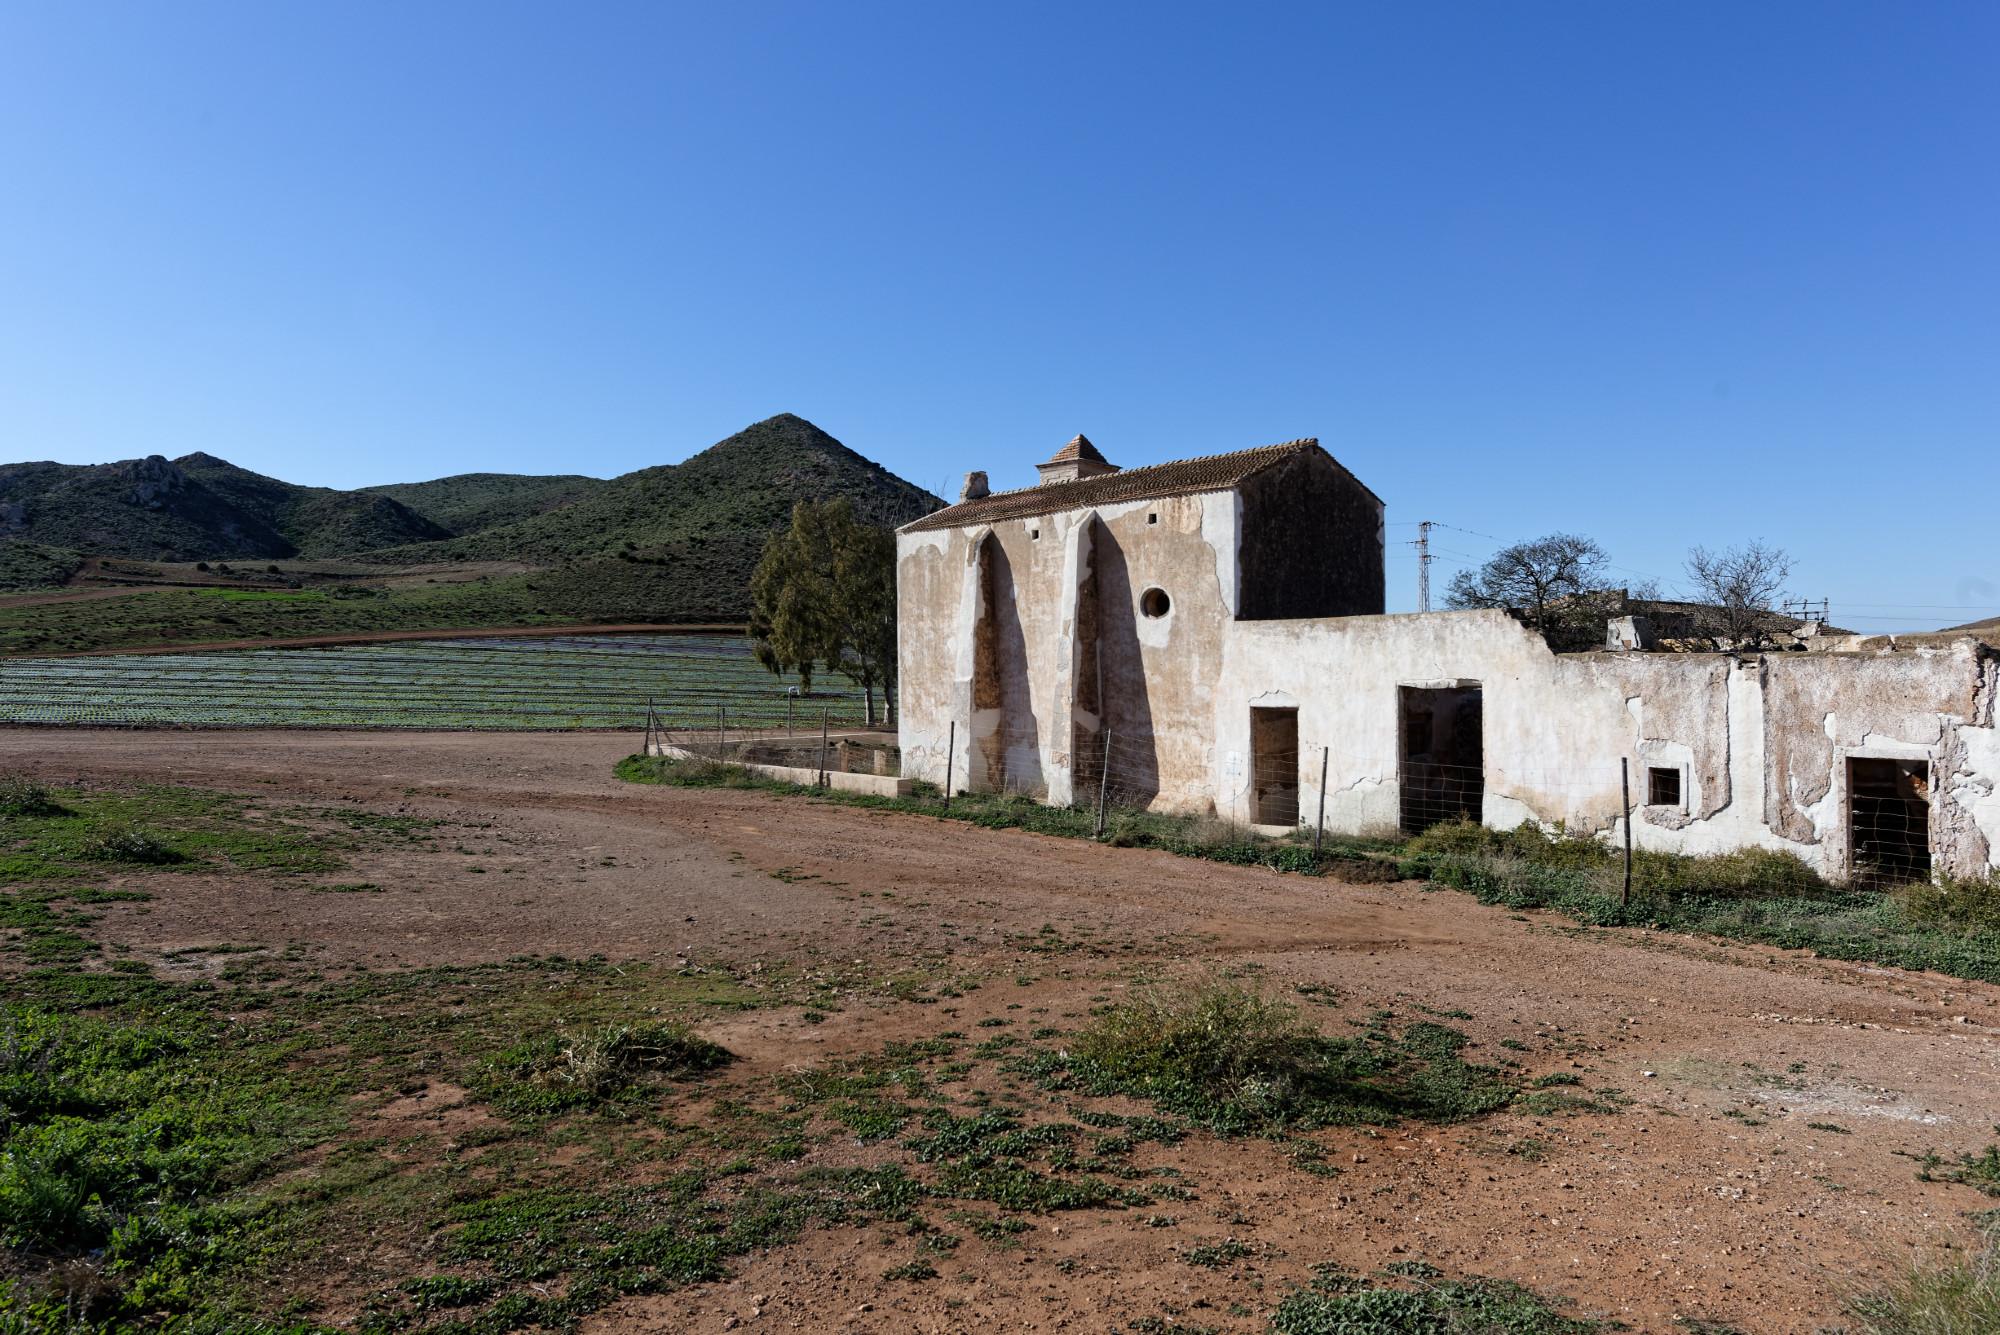 171218-Piste Rodalquilar vers Cortijo del Fraile (Cabo de Gata-Andalousie) (79)